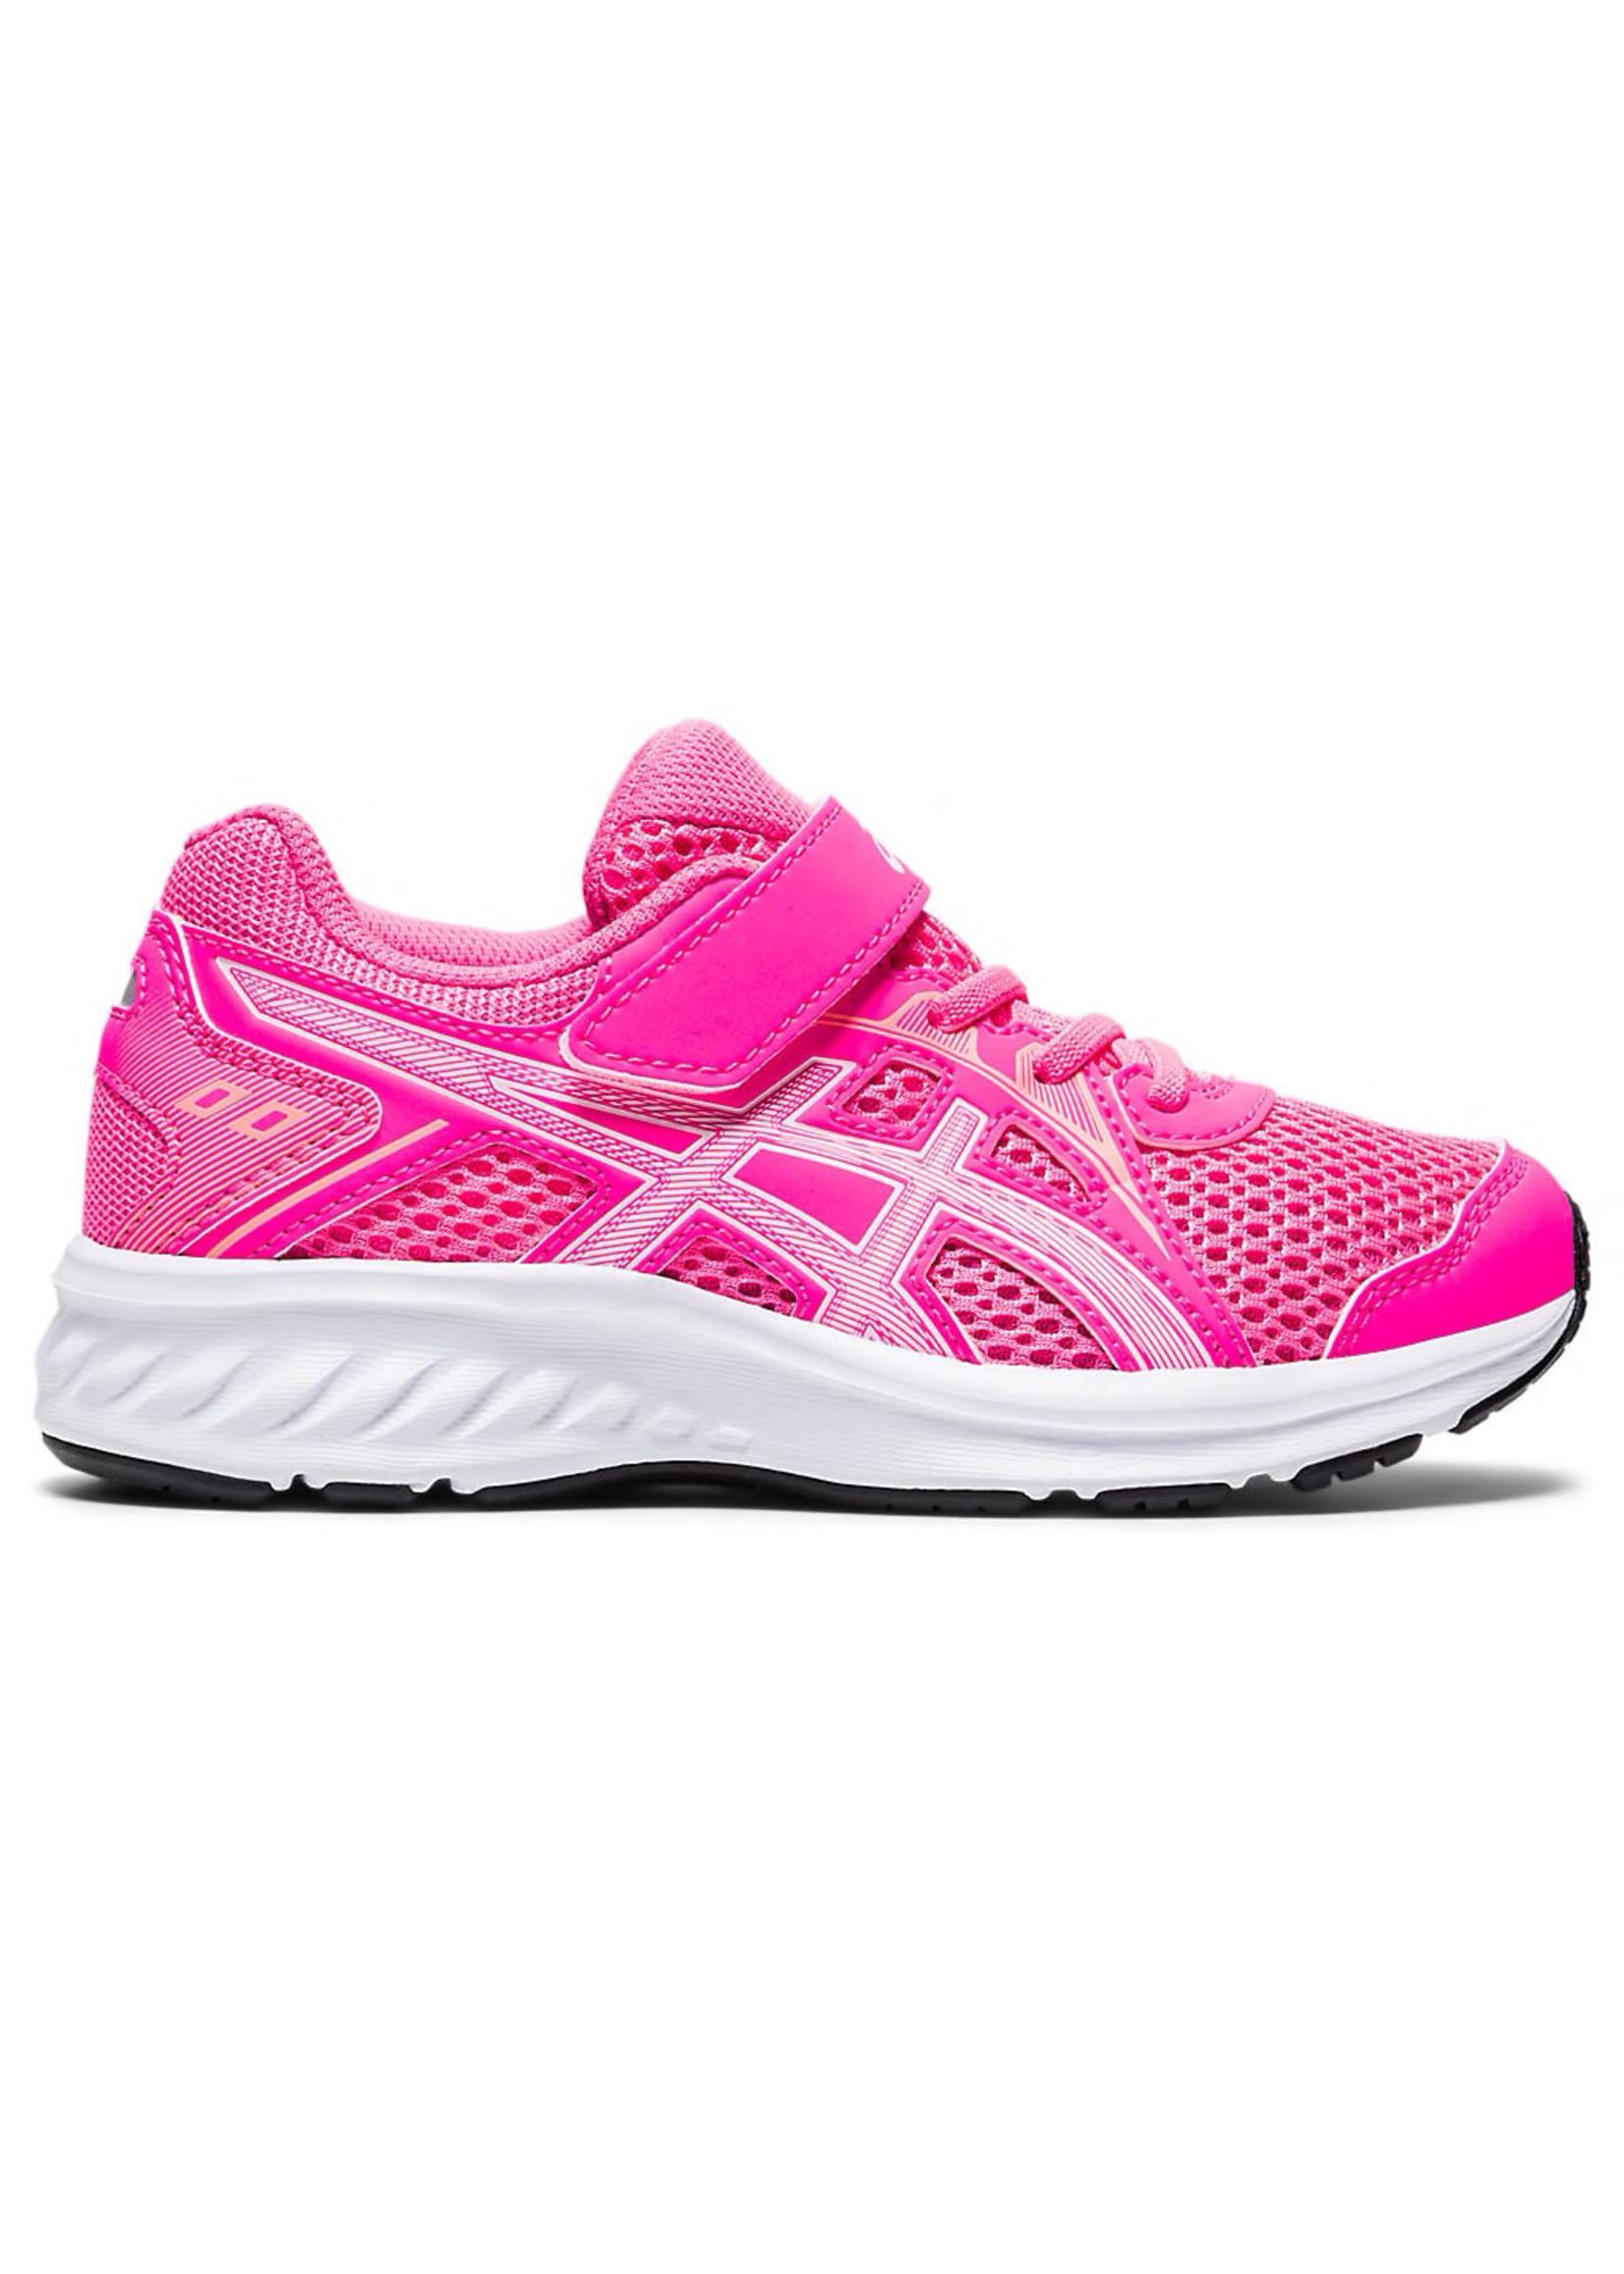 Asics Asics Jolt 2 Junior Running Shoe, Hot Pink/White (2020)